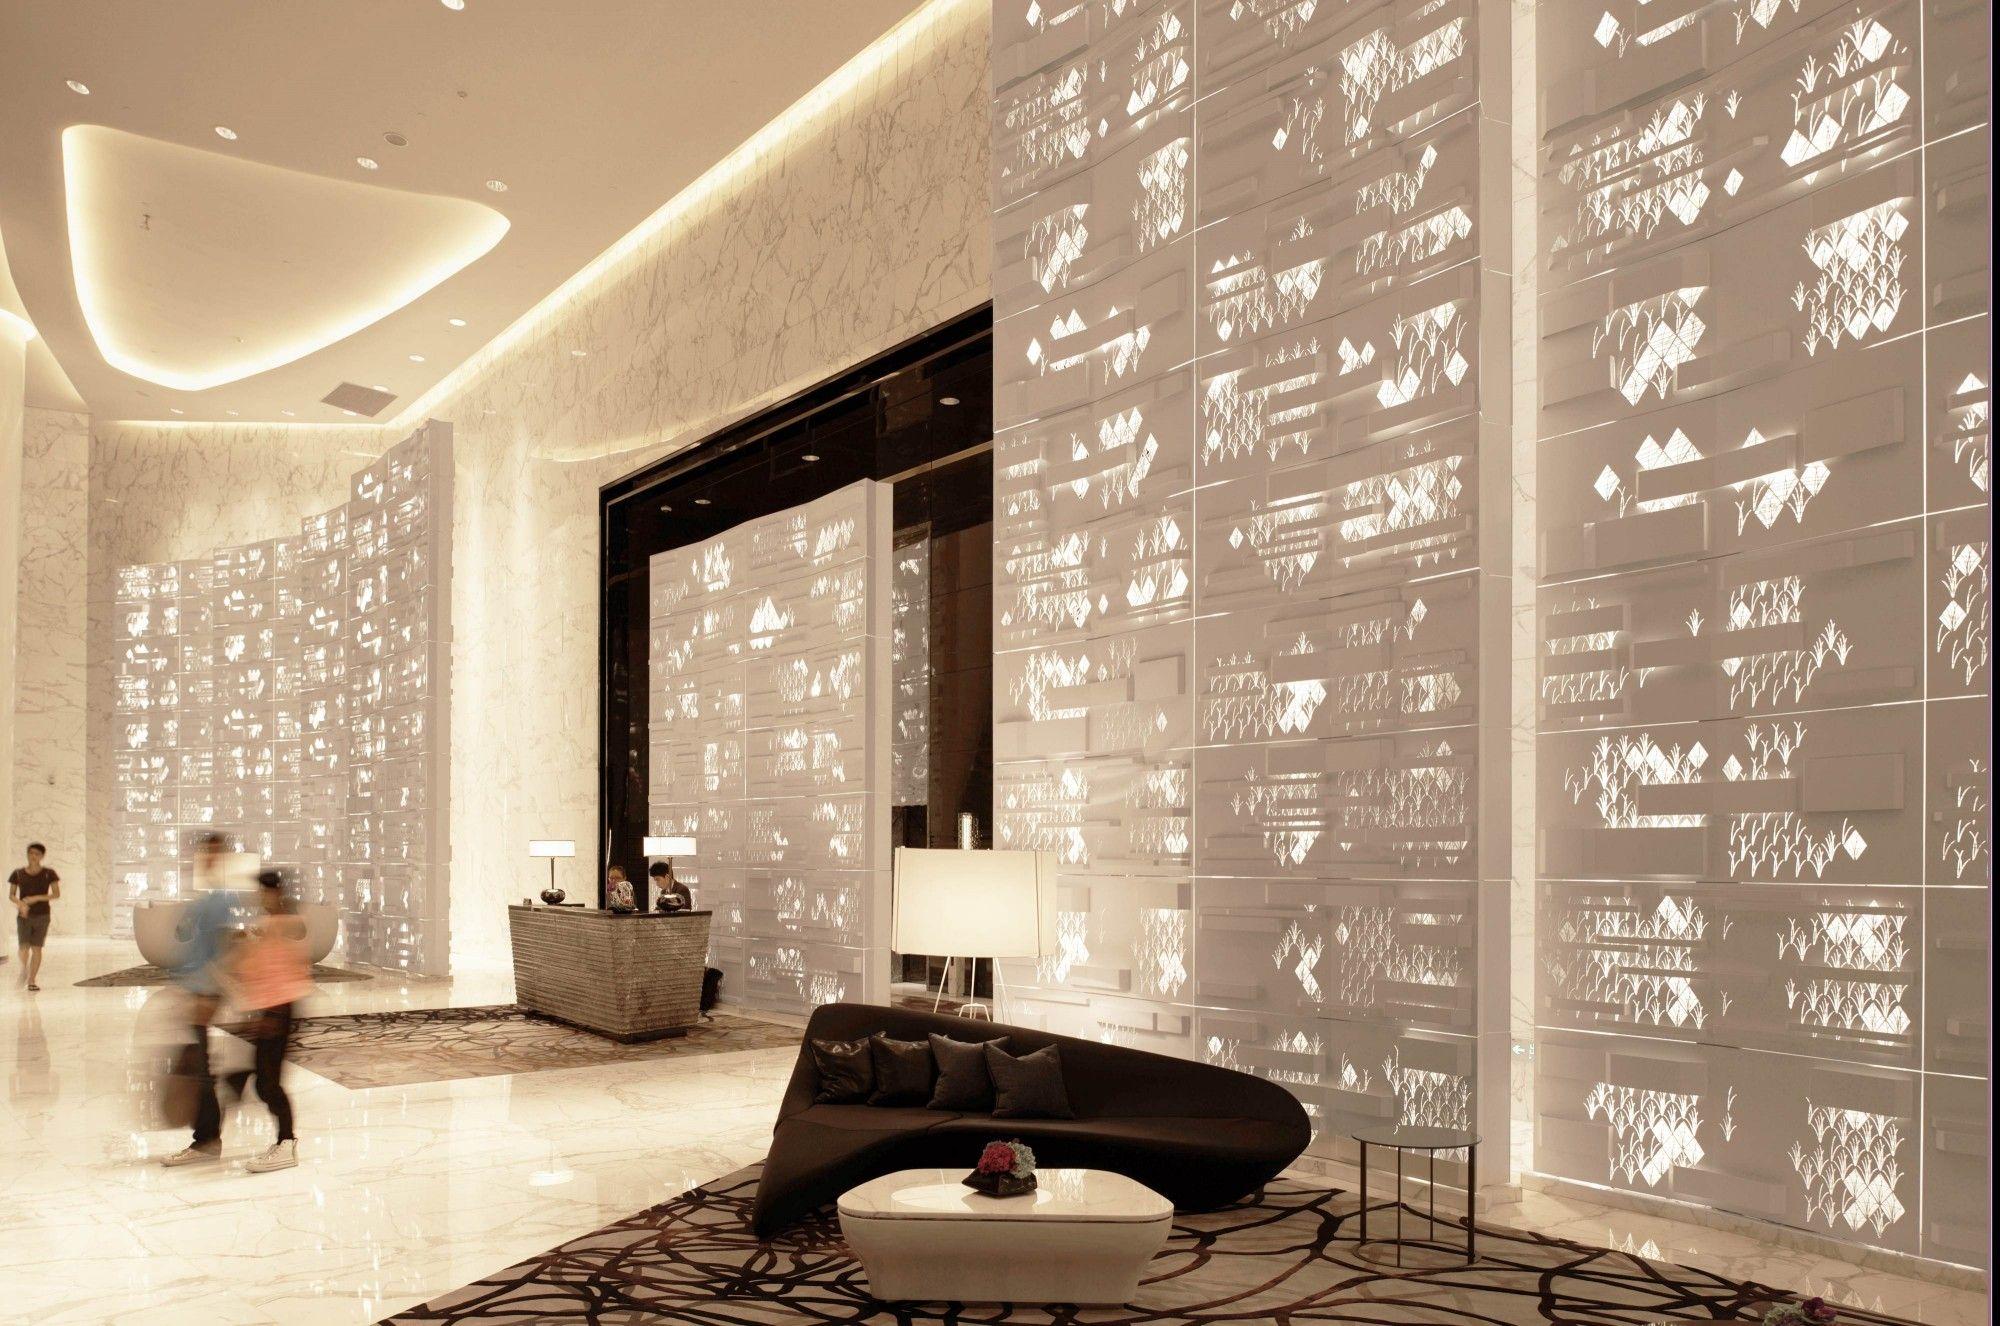 metal art façade guangzhou four seasons hotel, 2011. supply, metal